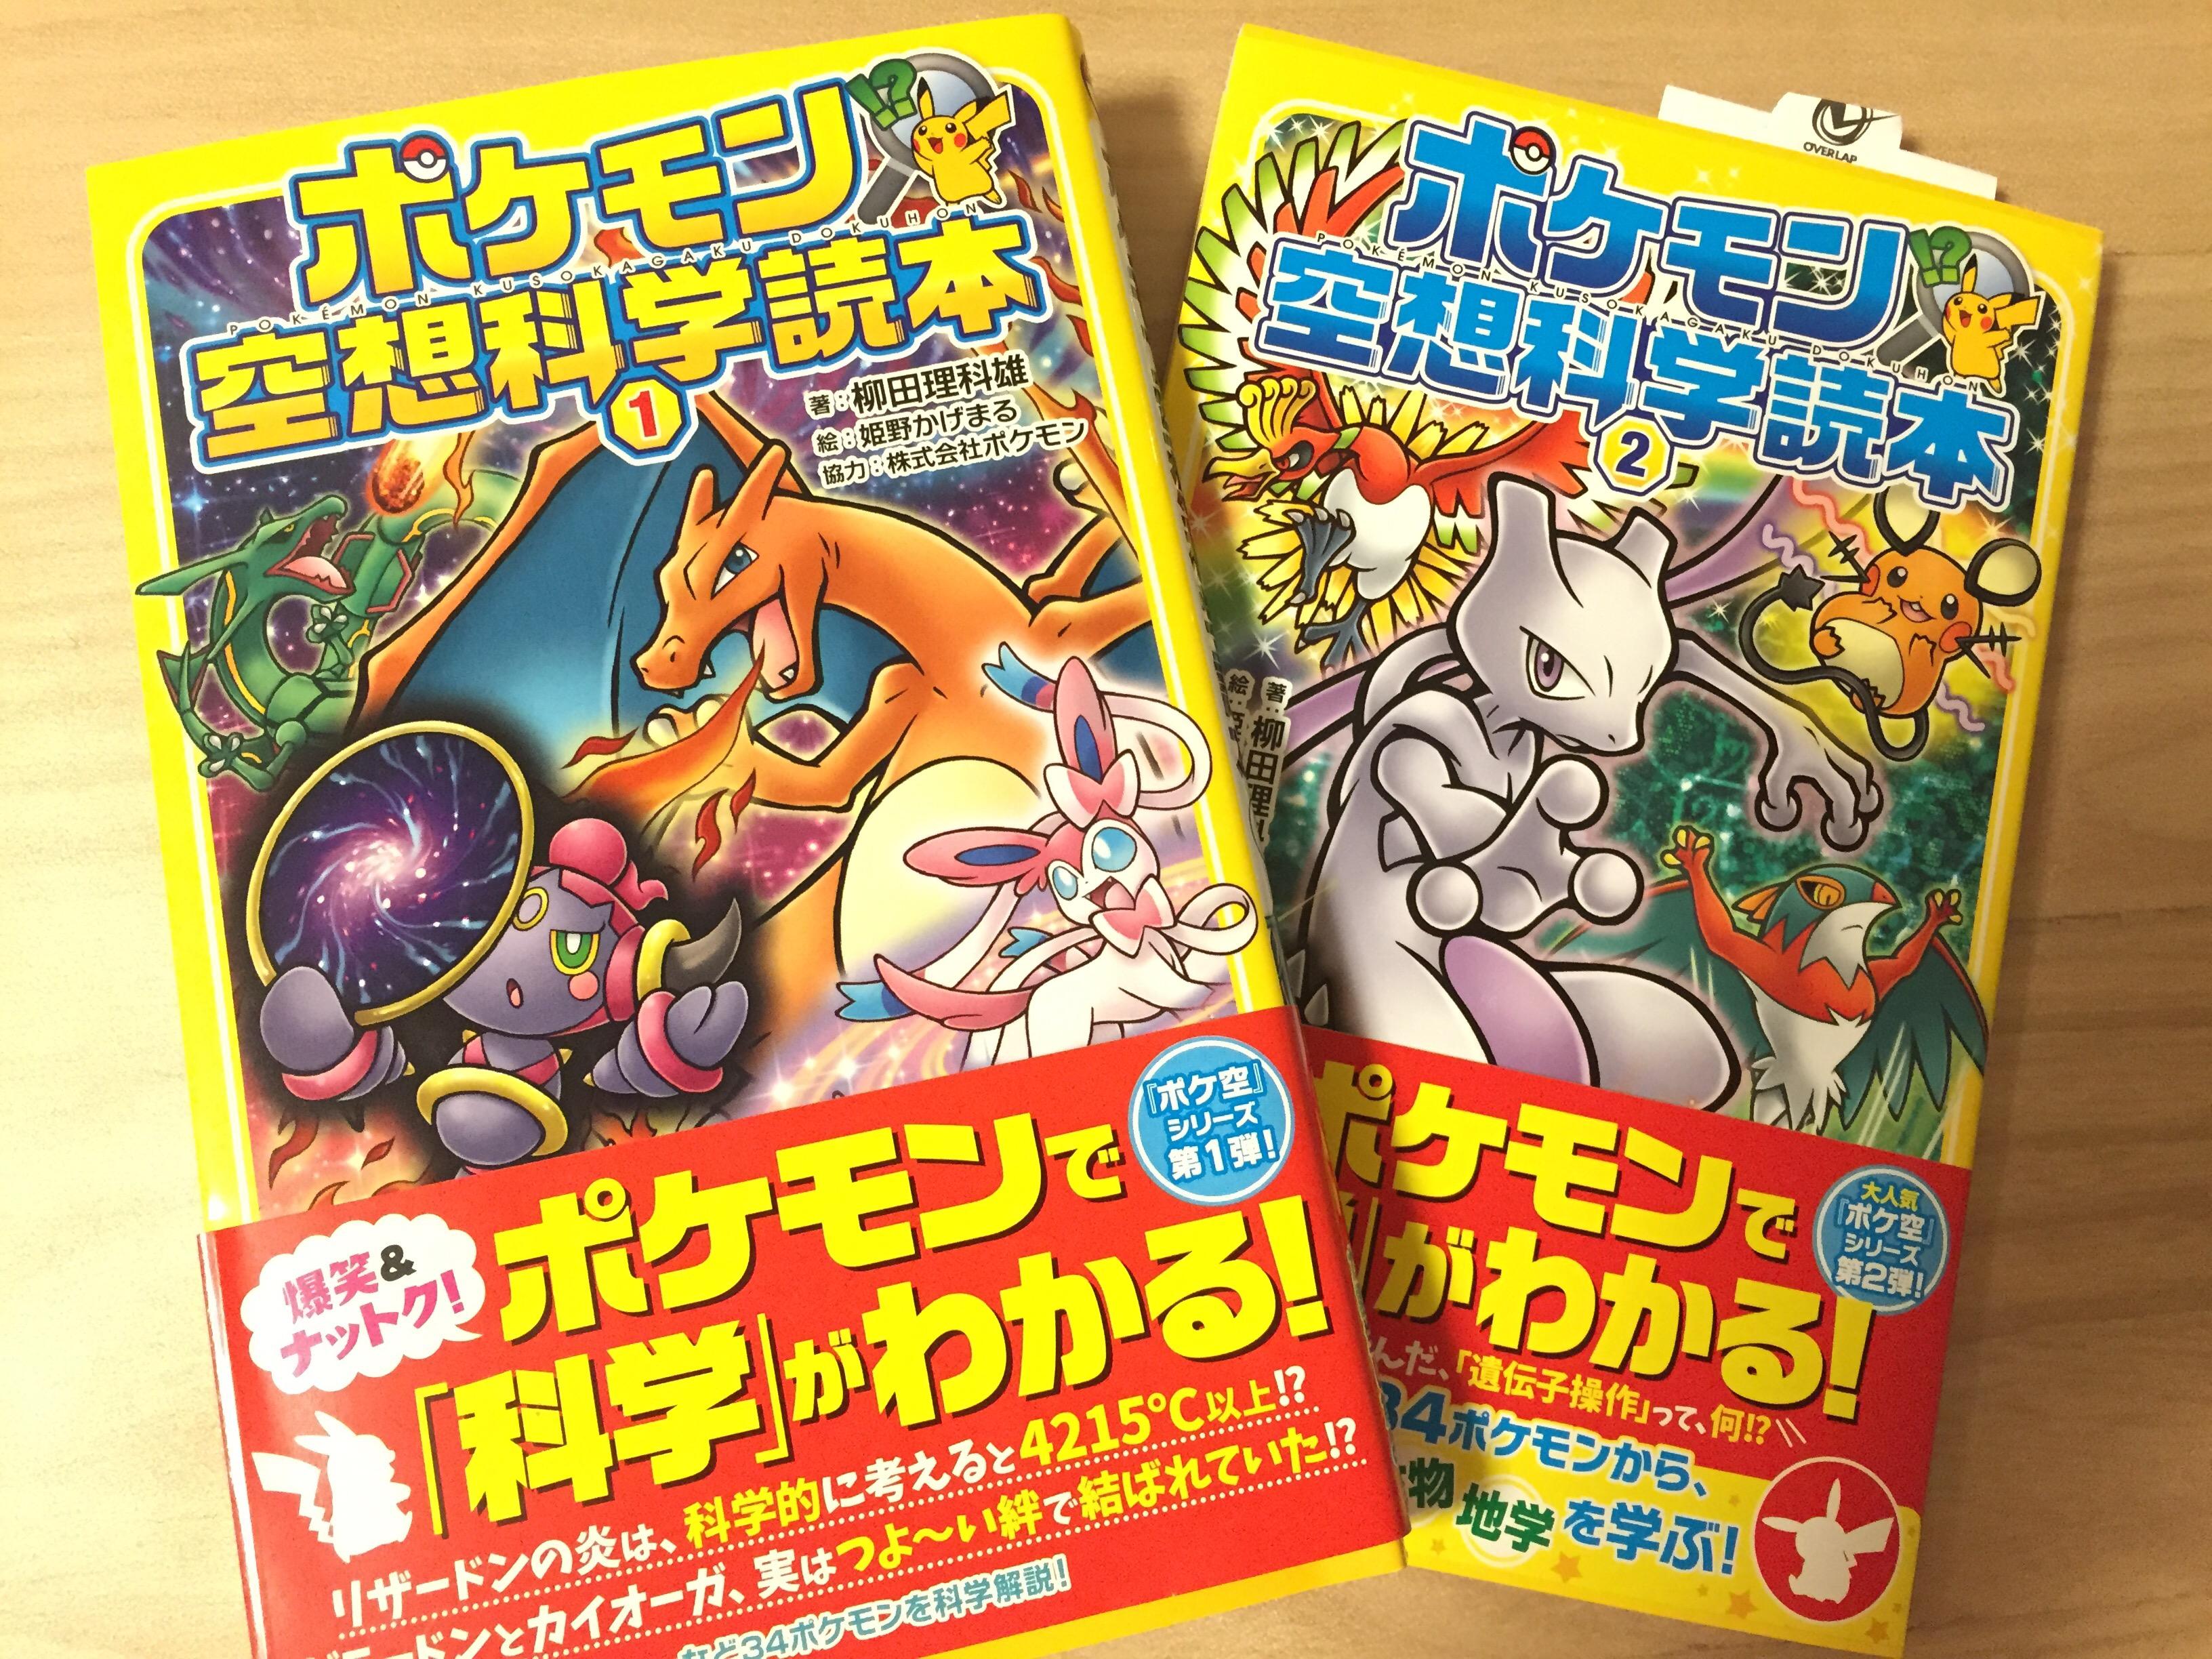 「ポケモン空想科学読本」シリーズを買ってみた